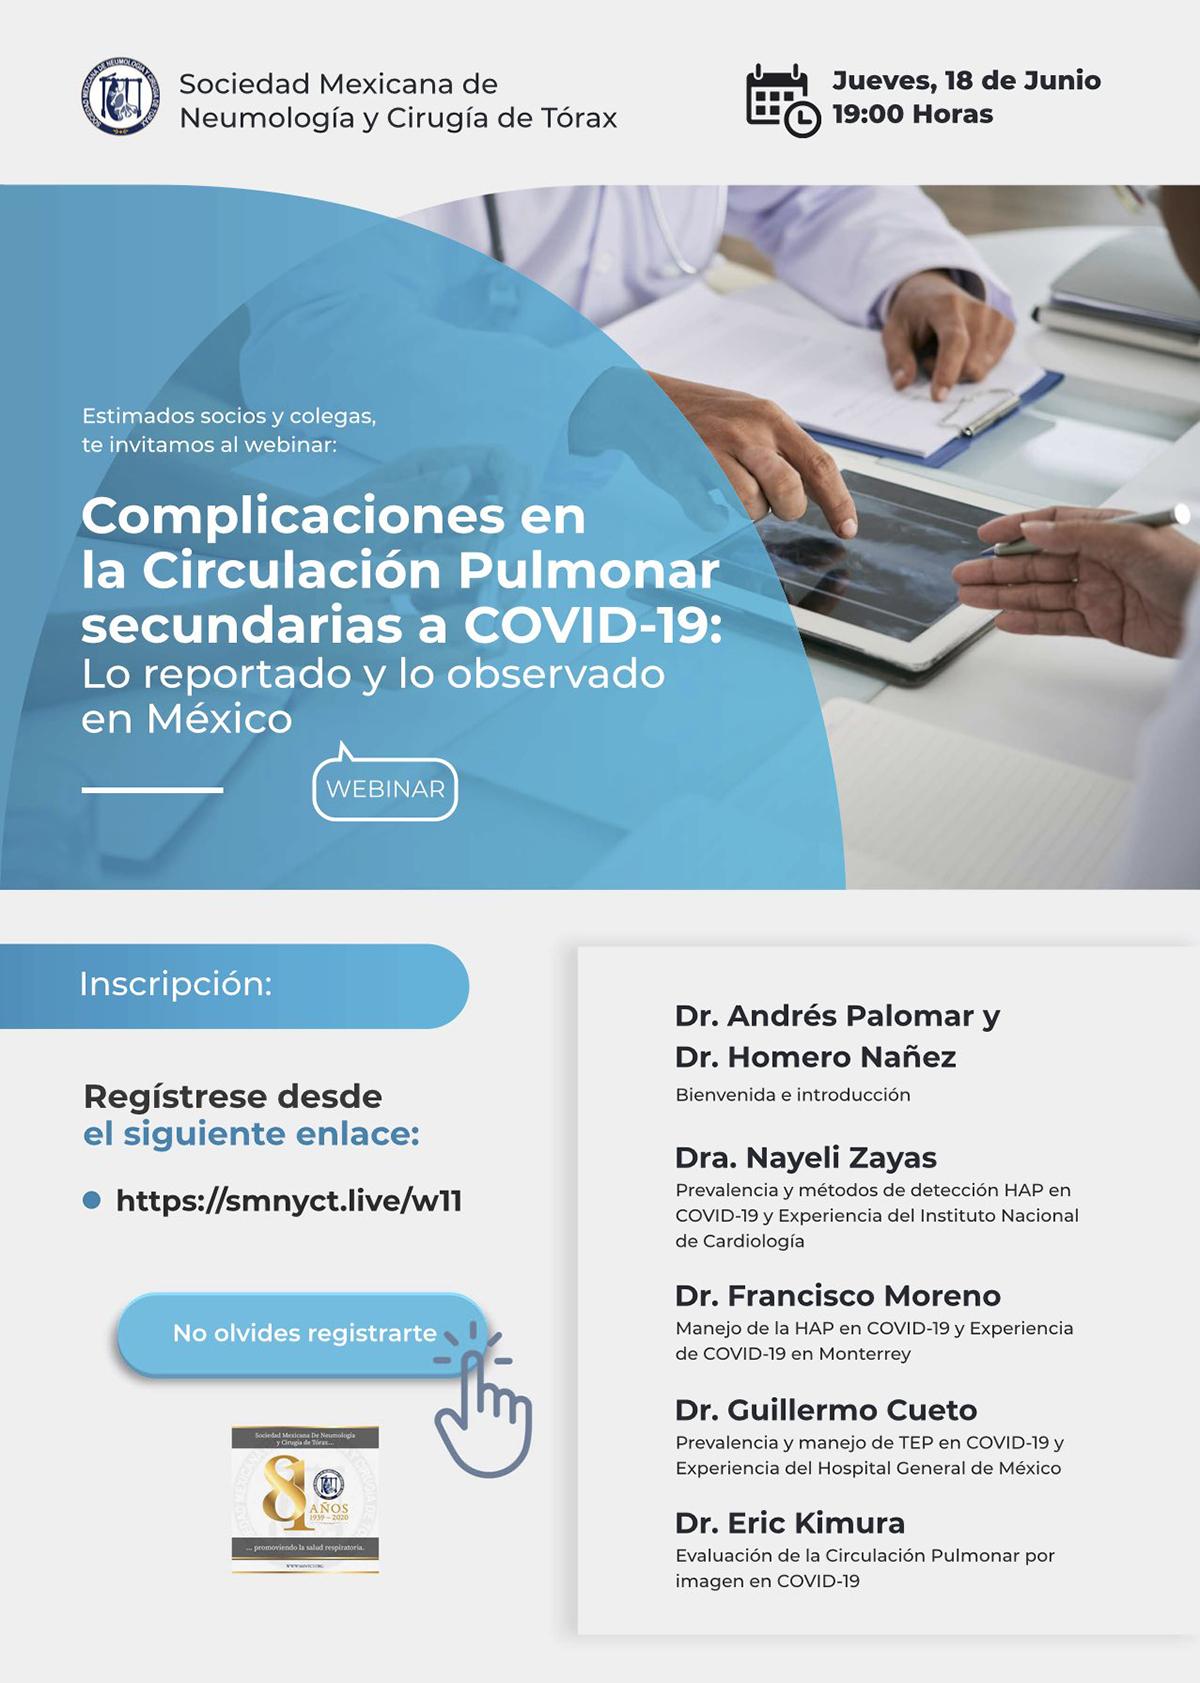 Webinar: Complicaciones en la Circulación Pulmonar secundarias a COVID-19: lo reportado y lo observado en México